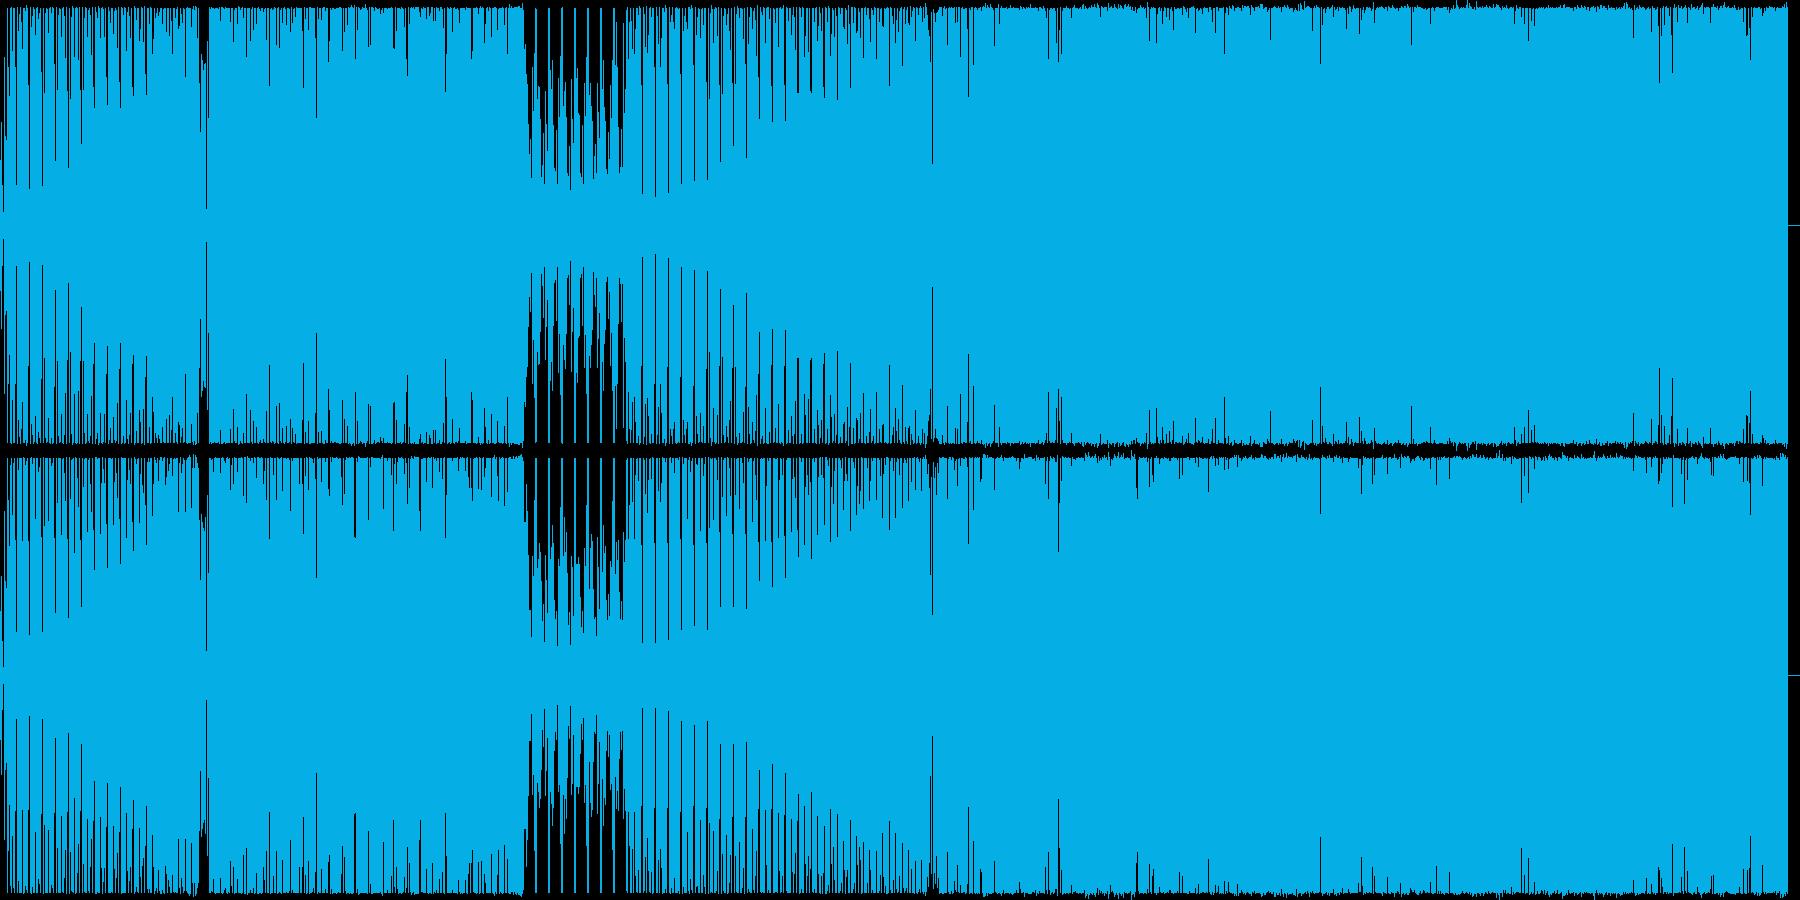 【BGM】ベースが激しいテクノ曲の再生済みの波形